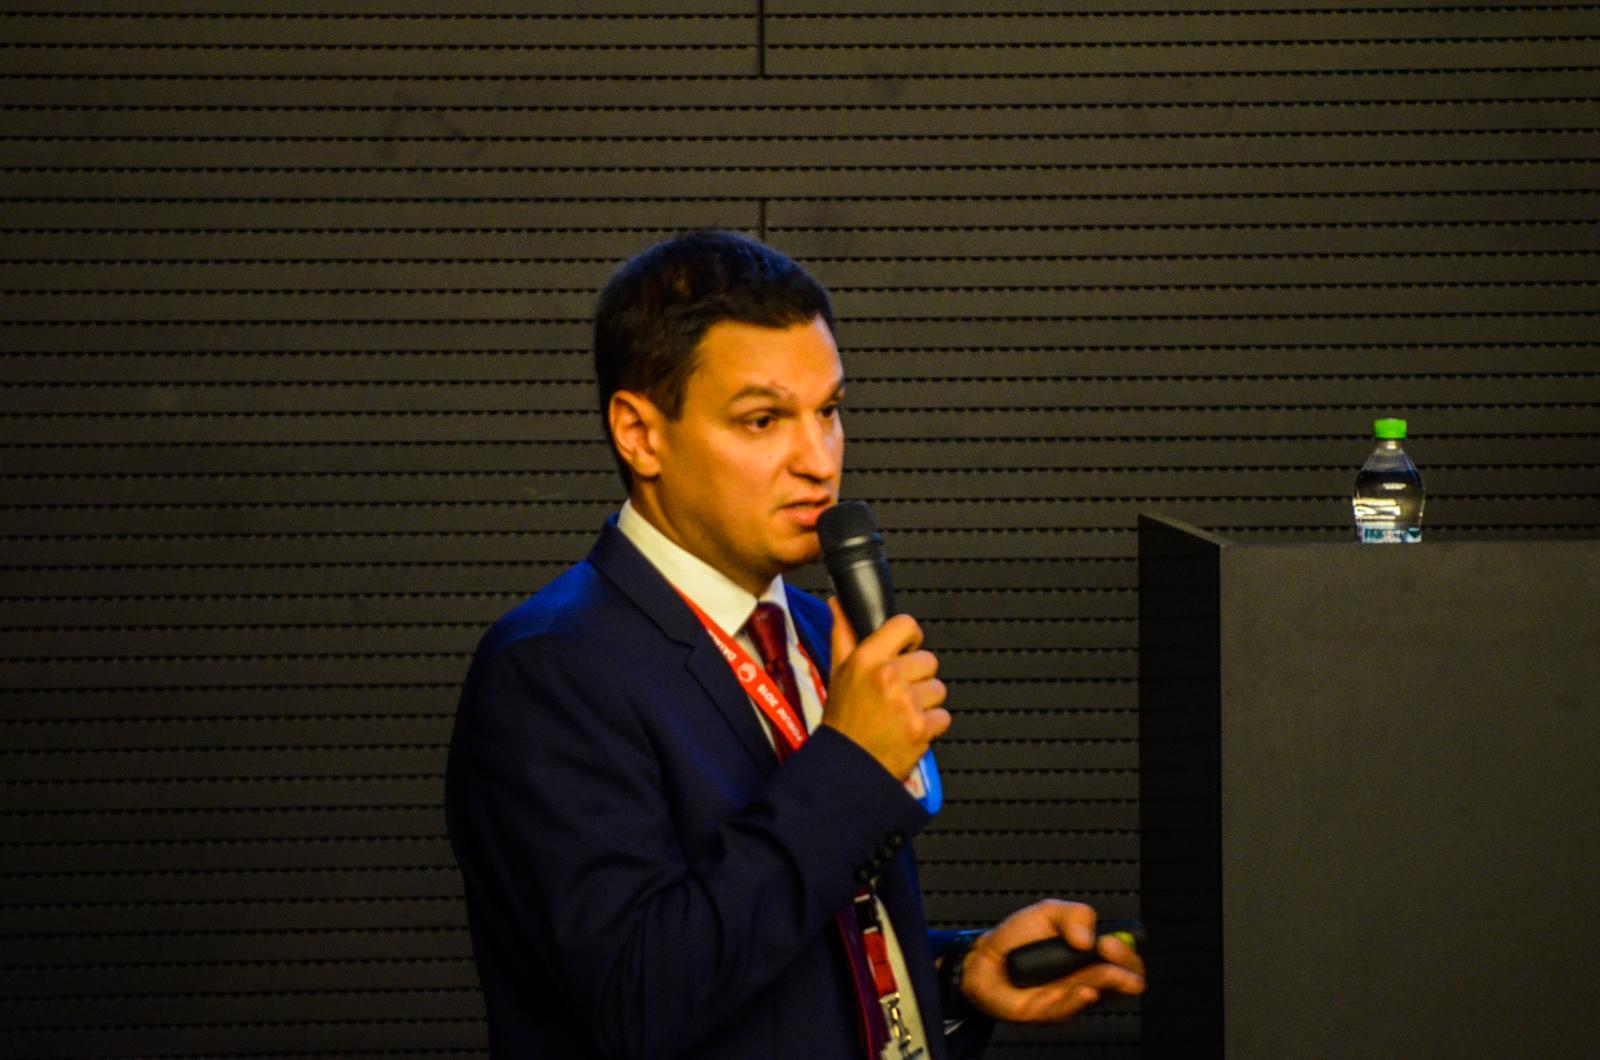 Tema Energy prezintă soluții inovative pentru centrele de date la cheie și managementul acestora